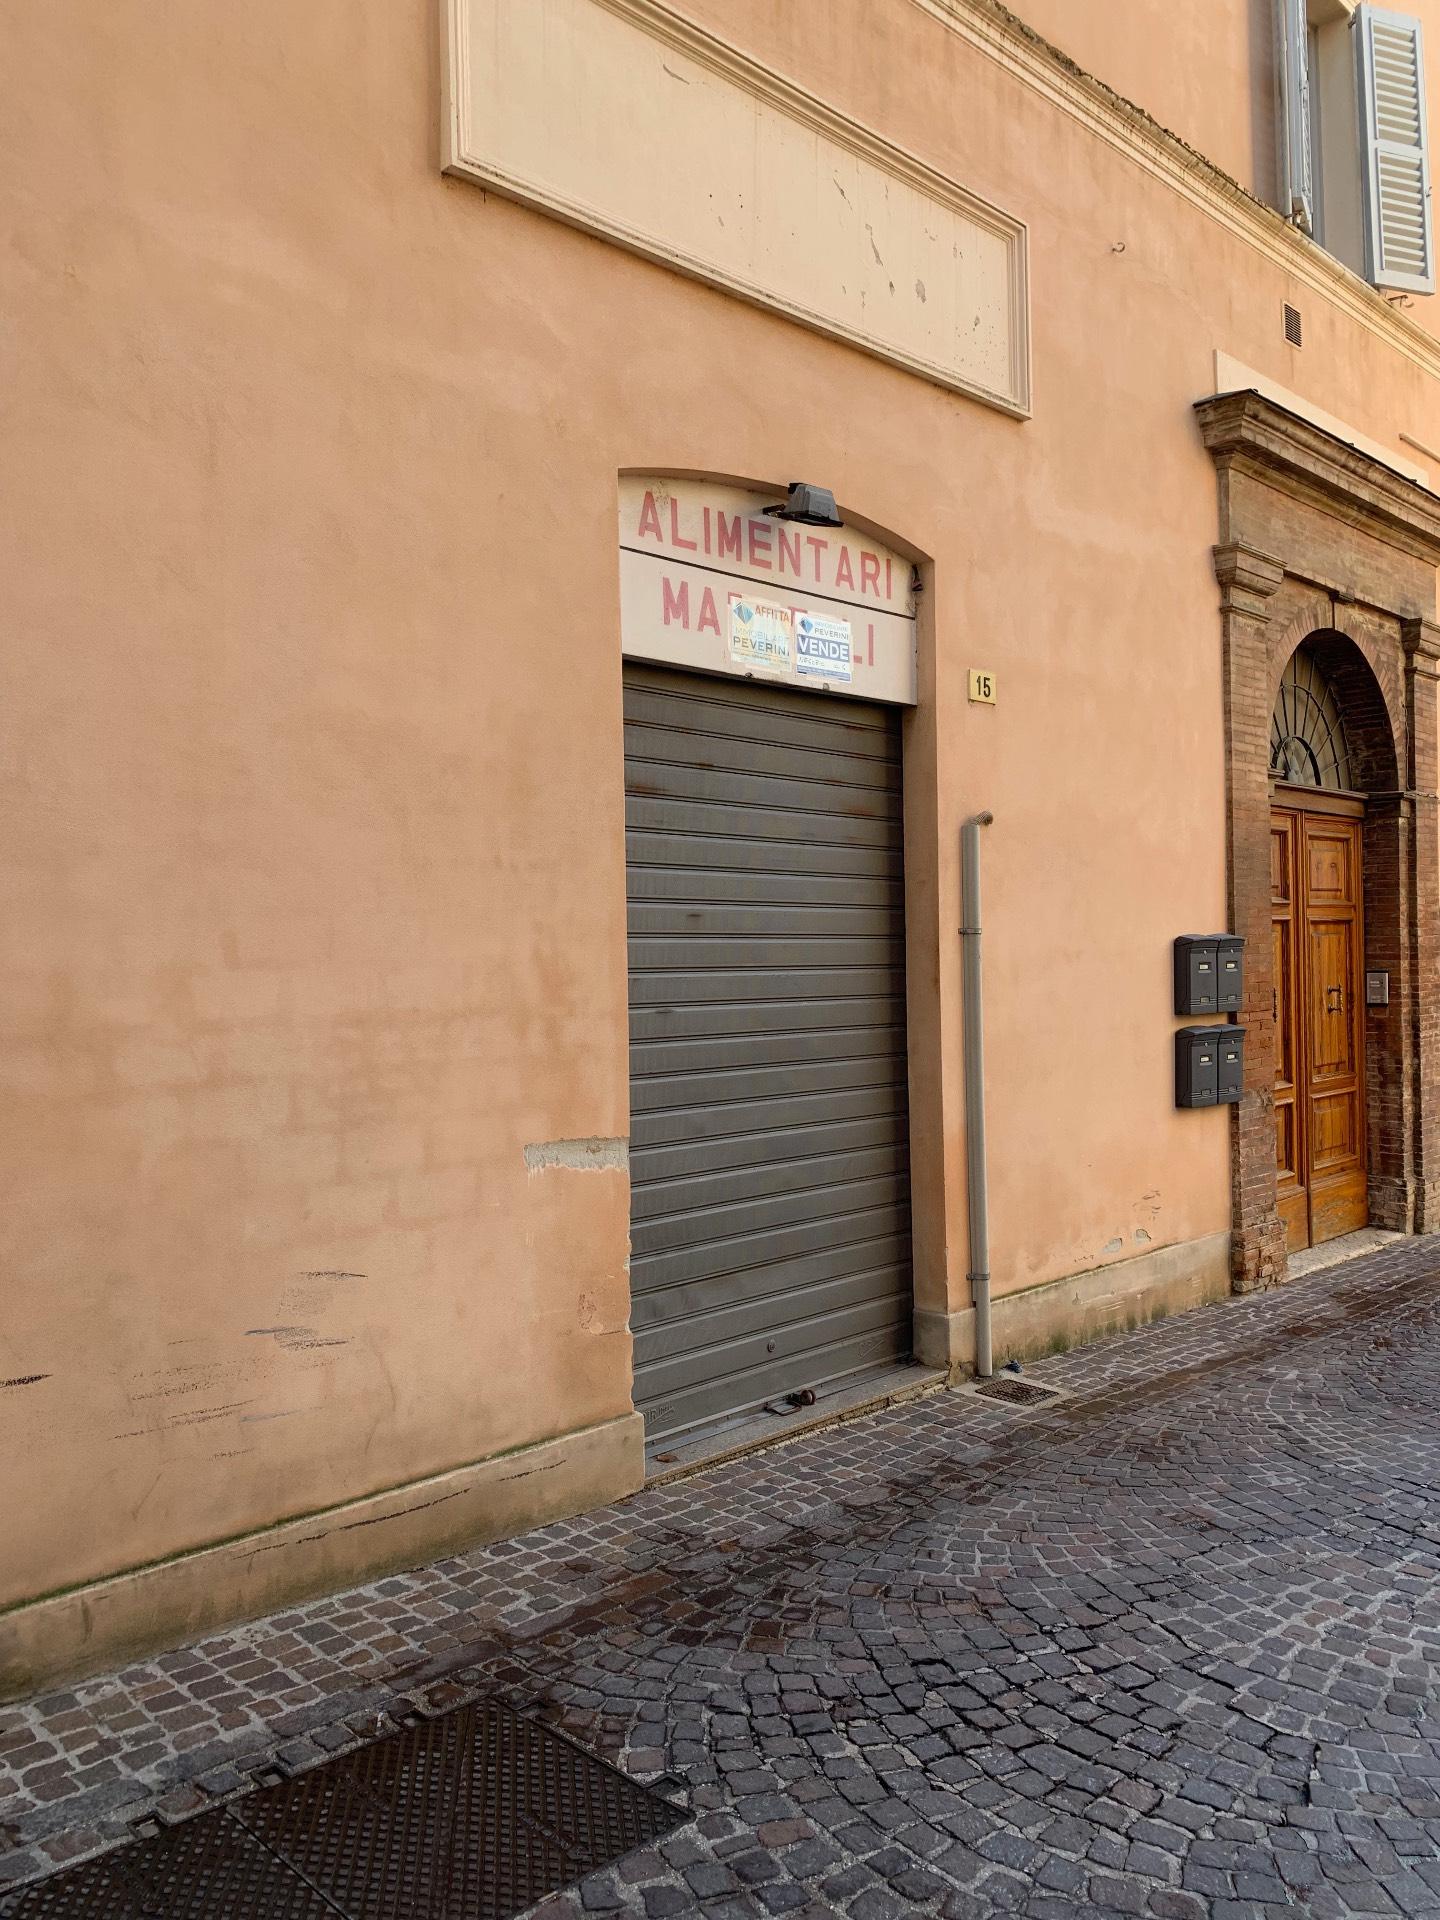 Negozio / Locale in affitto a Fabriano, 9999 locali, prezzo € 40.000 | CambioCasa.it